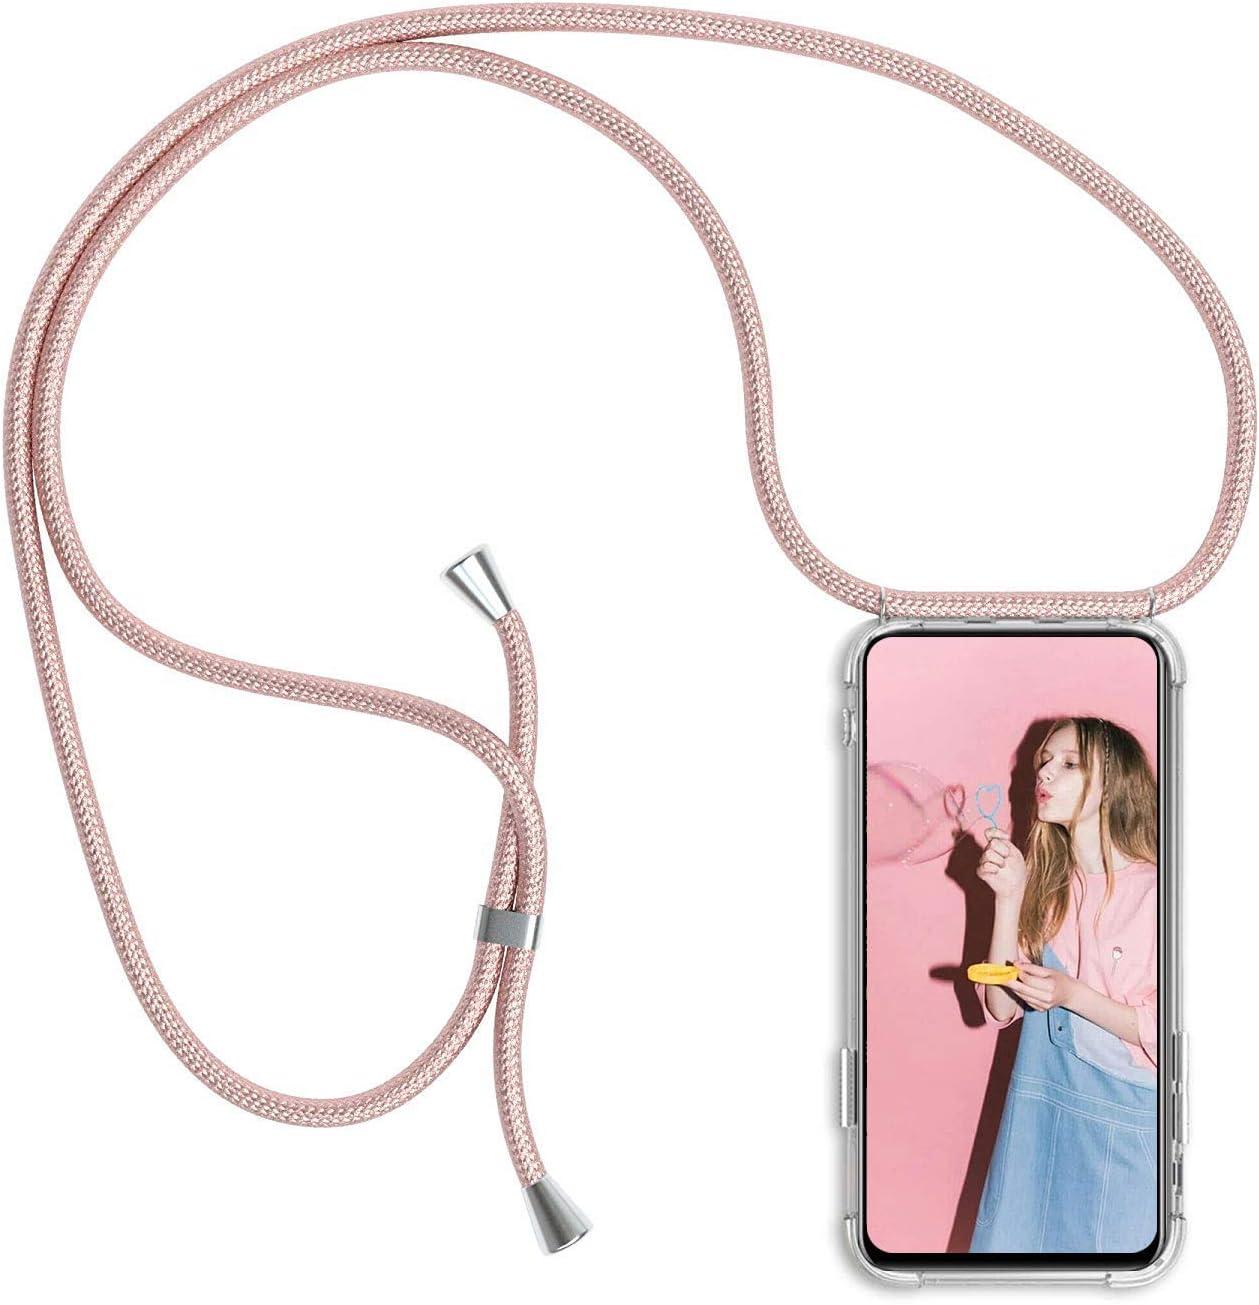 Funda con Cuerda para iPhone XS MAX, Carcasa Transparente TPU Suave Silicona Case con Correa Colgante Ajustable Collar Correa de Cuello Cadena Cordón para iPhone XS MAX - Oro Rosa